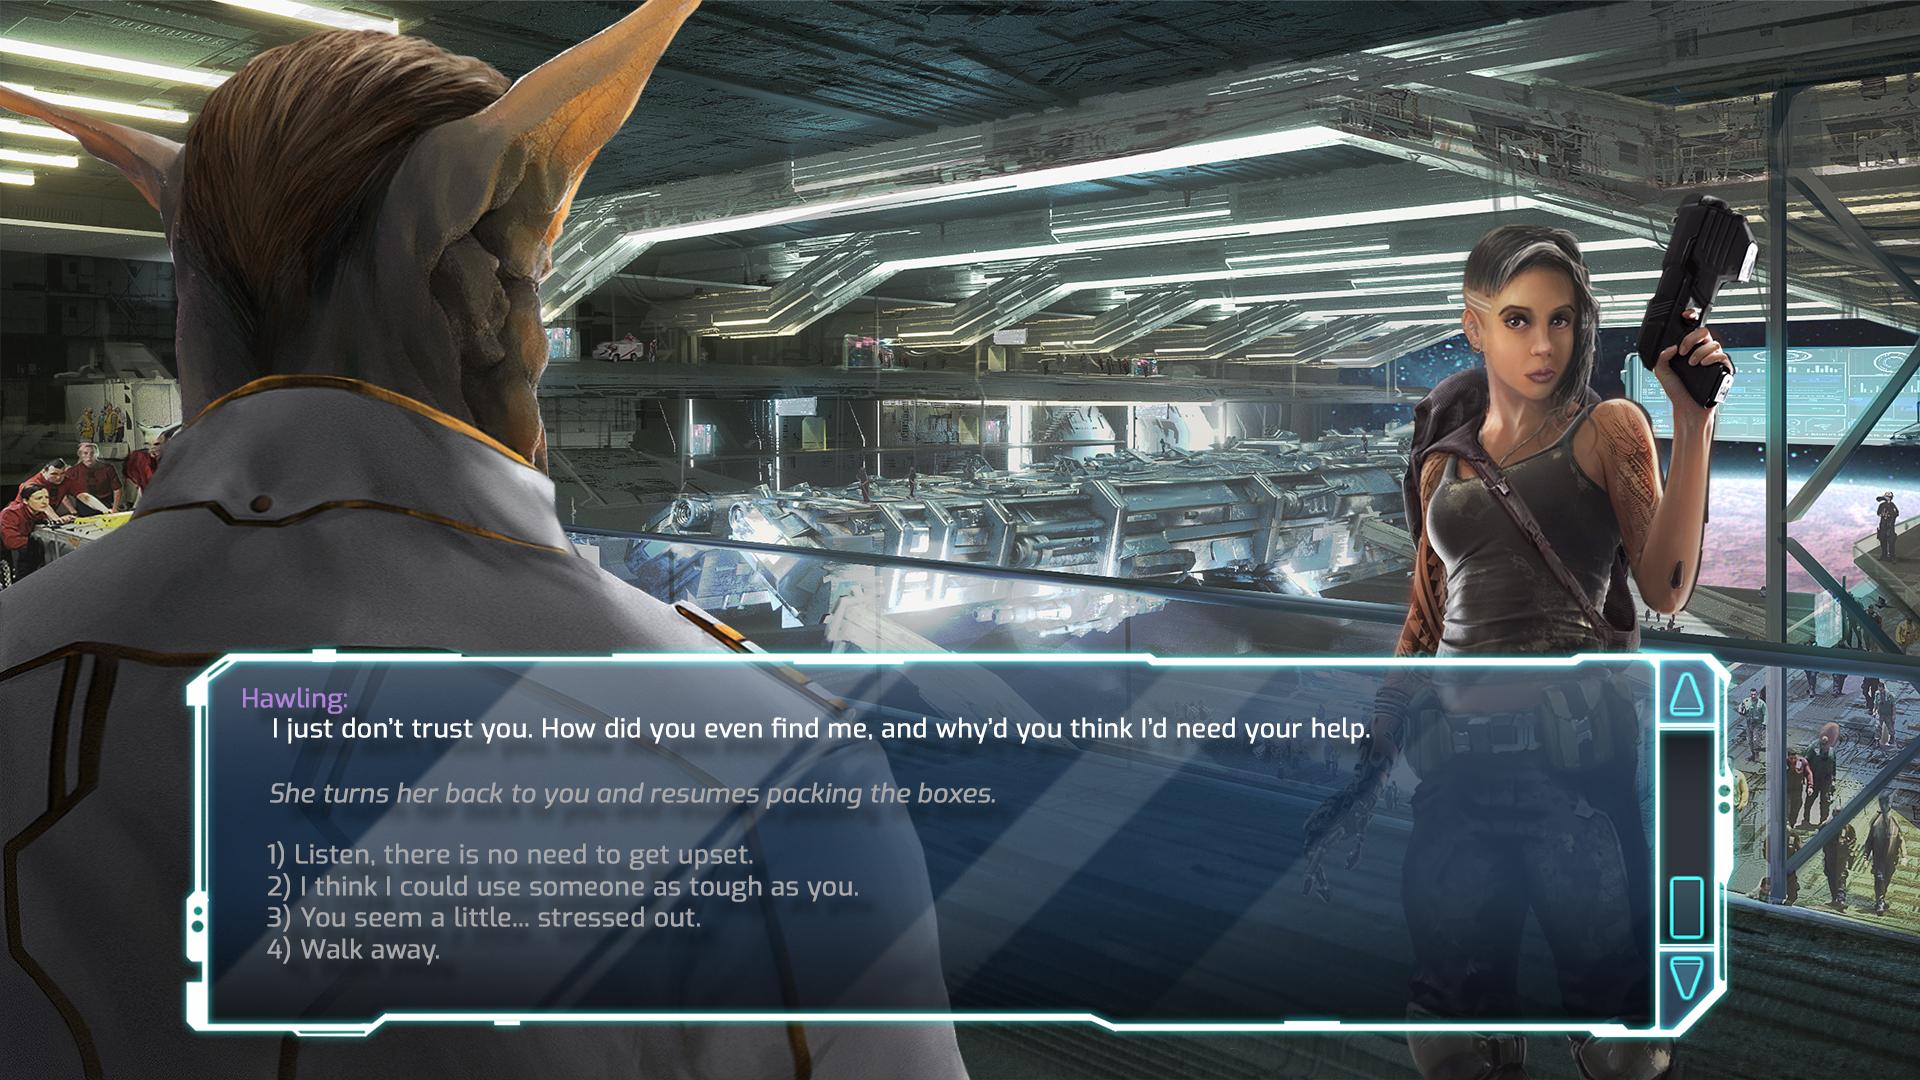 Dialogue_Screenshot_2.jpg